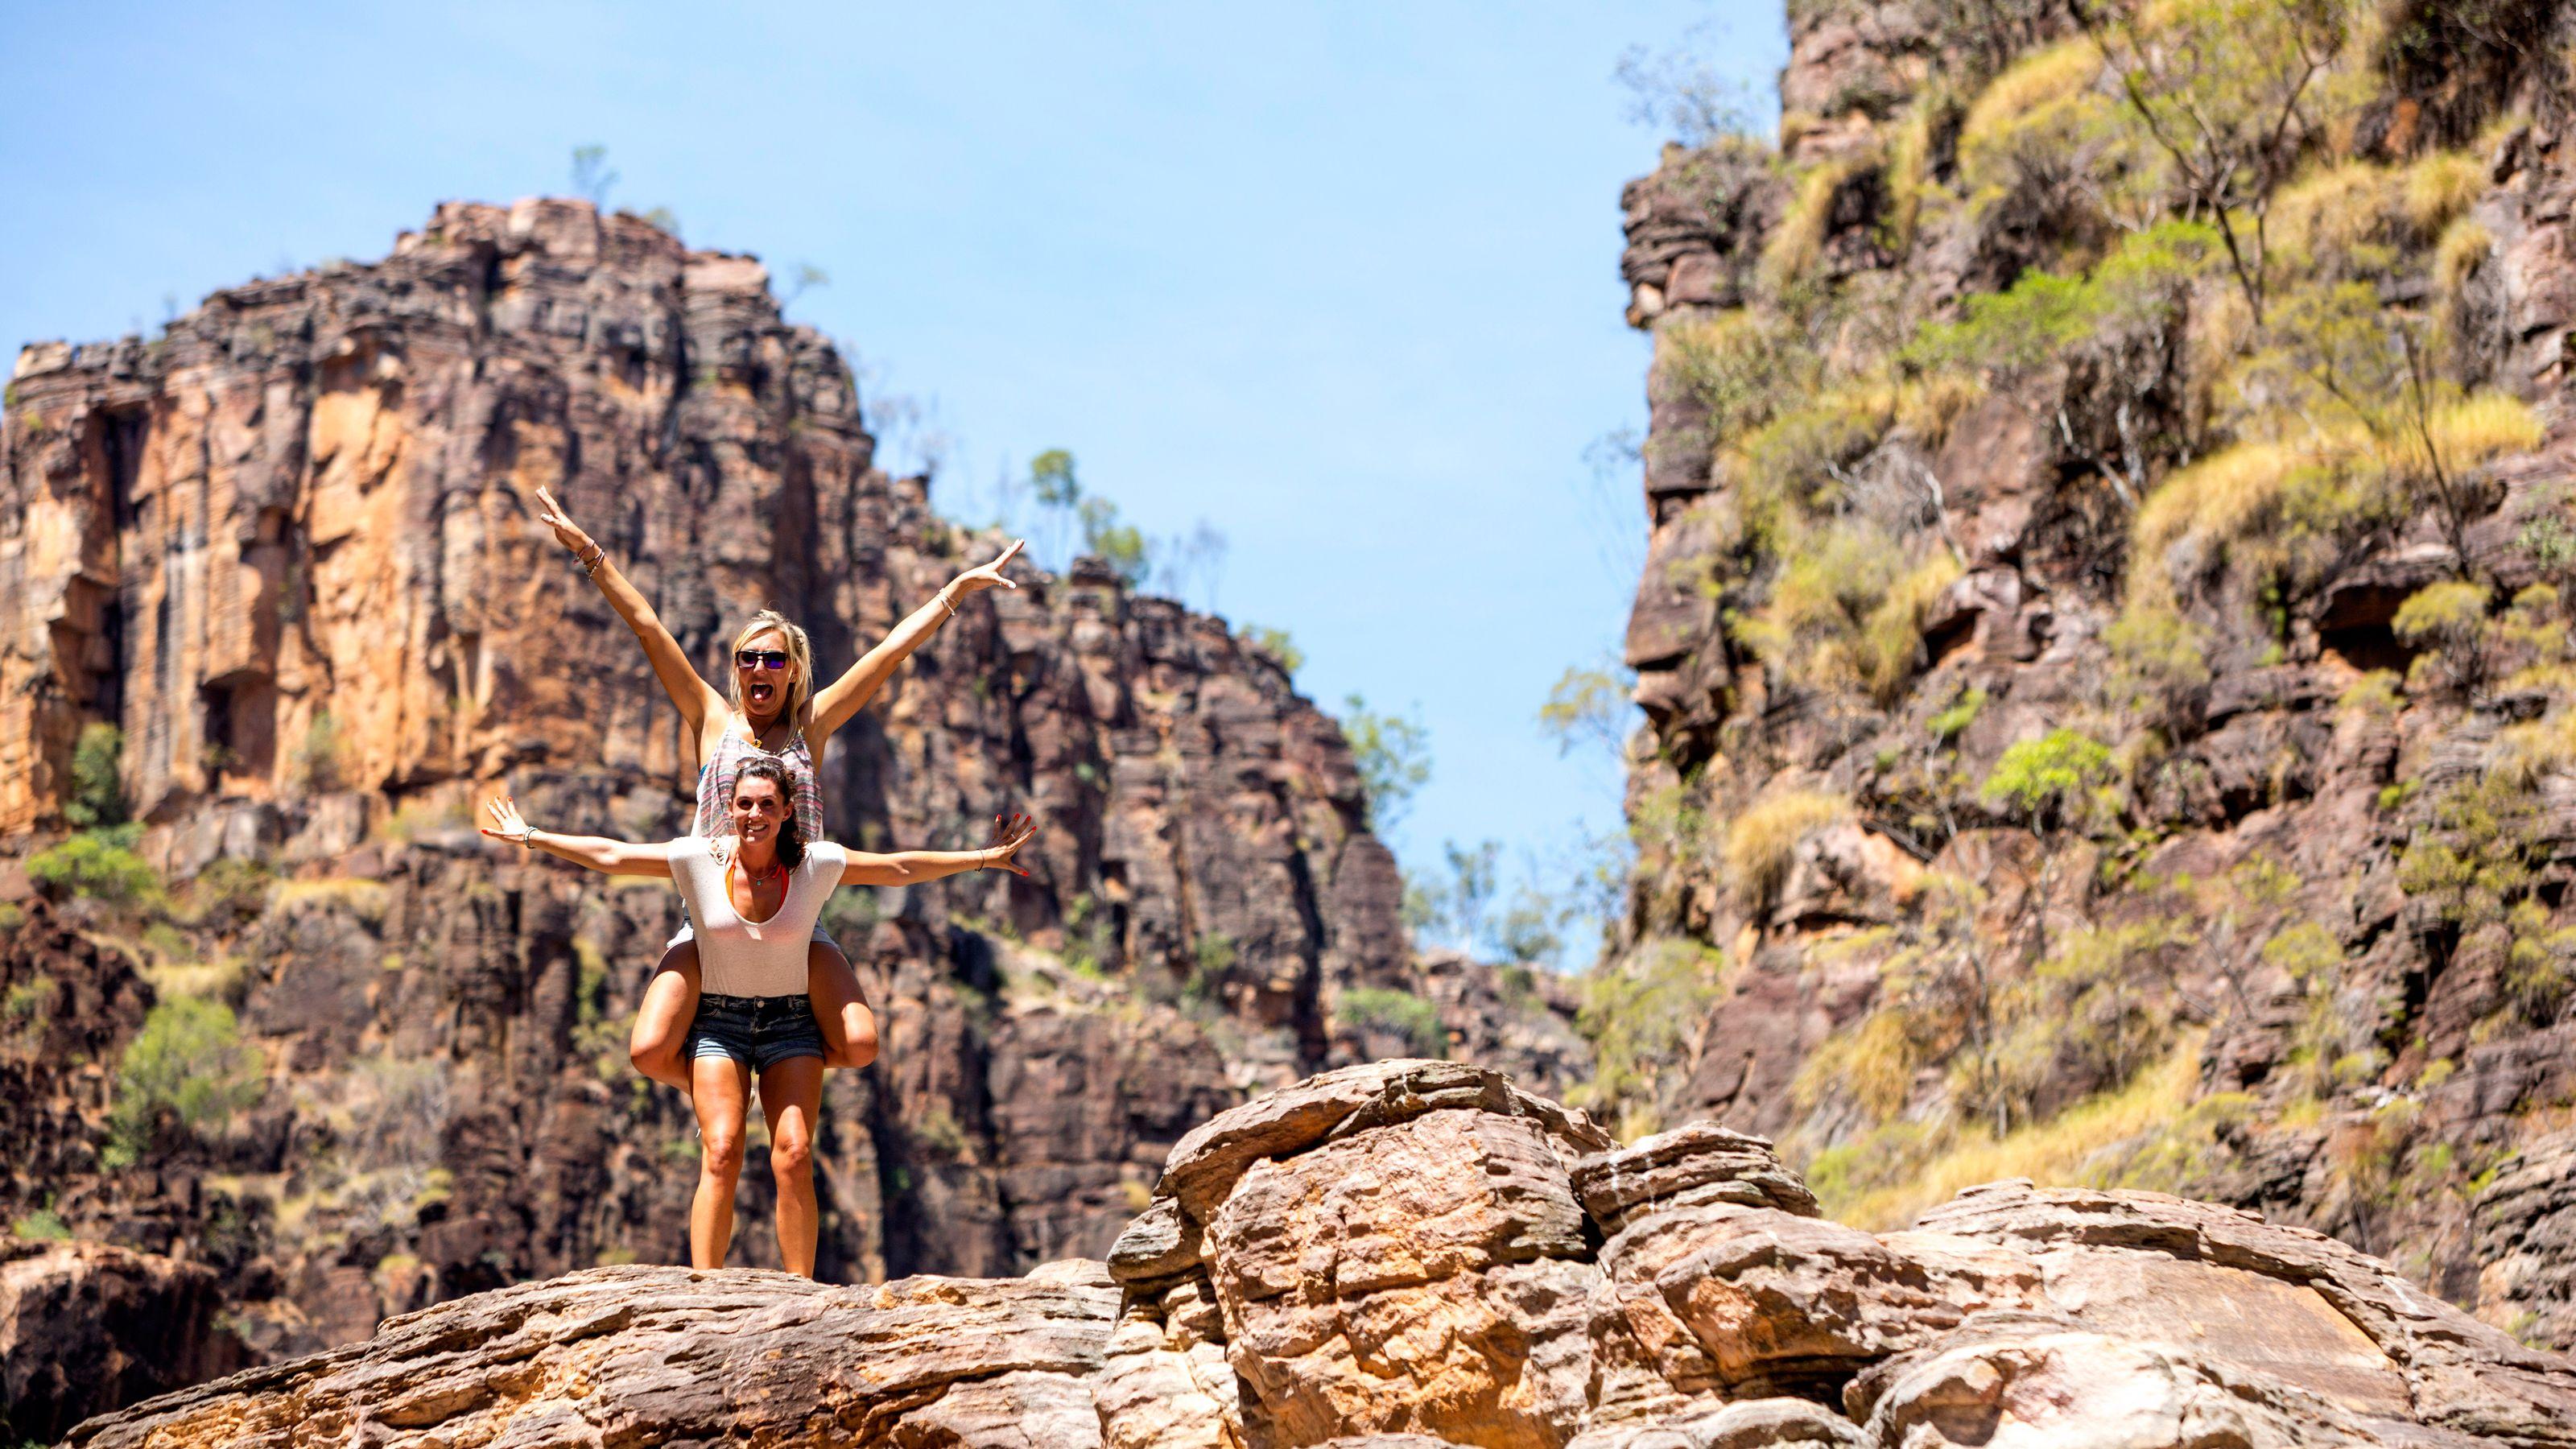 Two hikers having fun on hike in Darwin